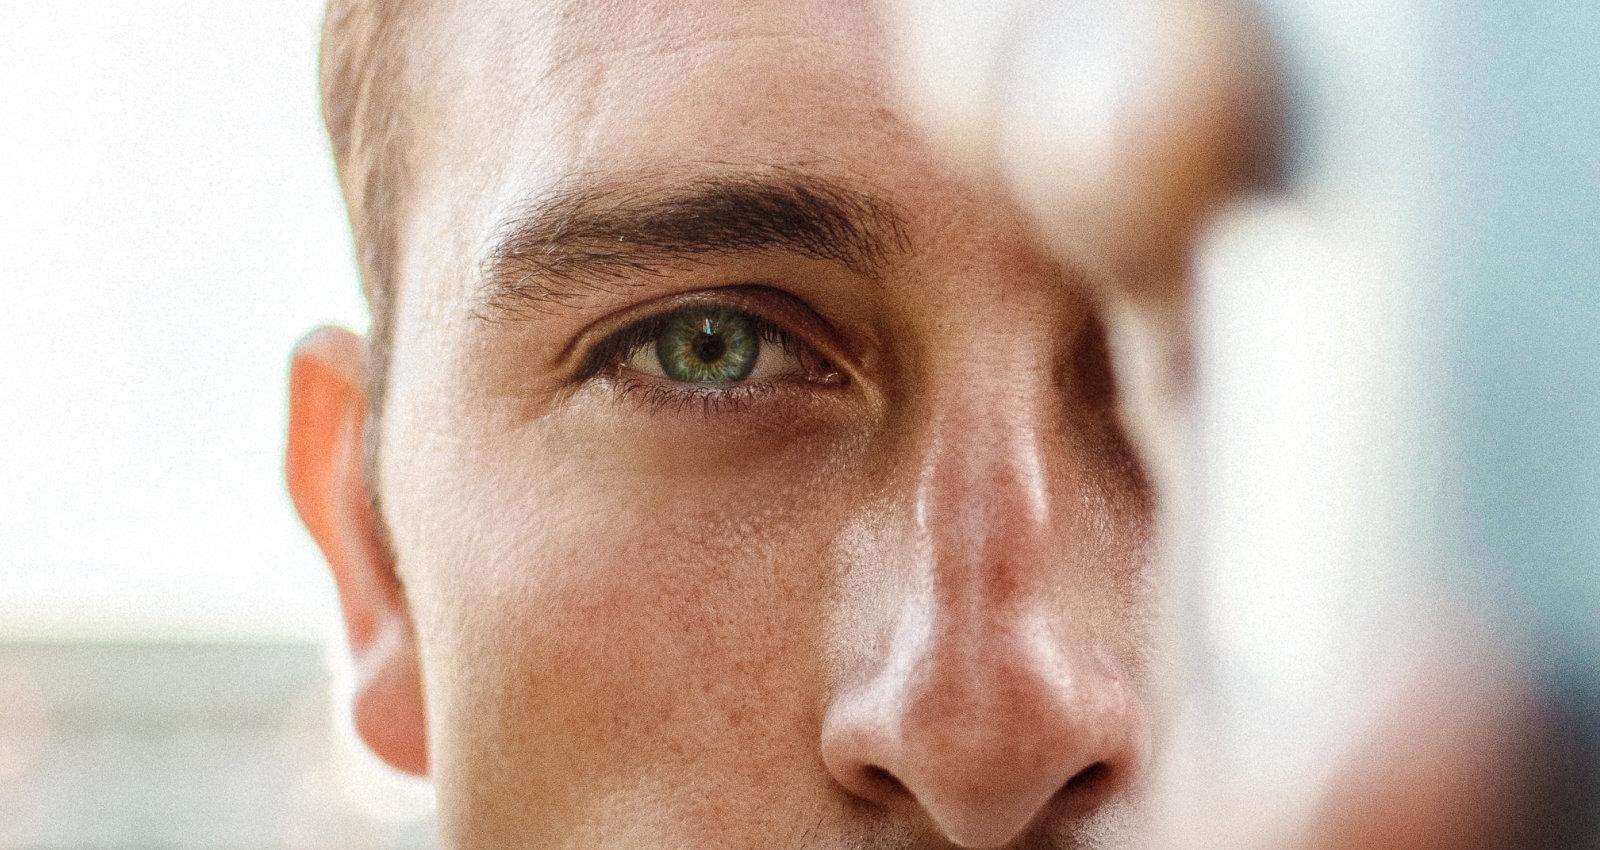 Īsti veči neraud? Seksisms ikdienā skar ne tikai sievietes